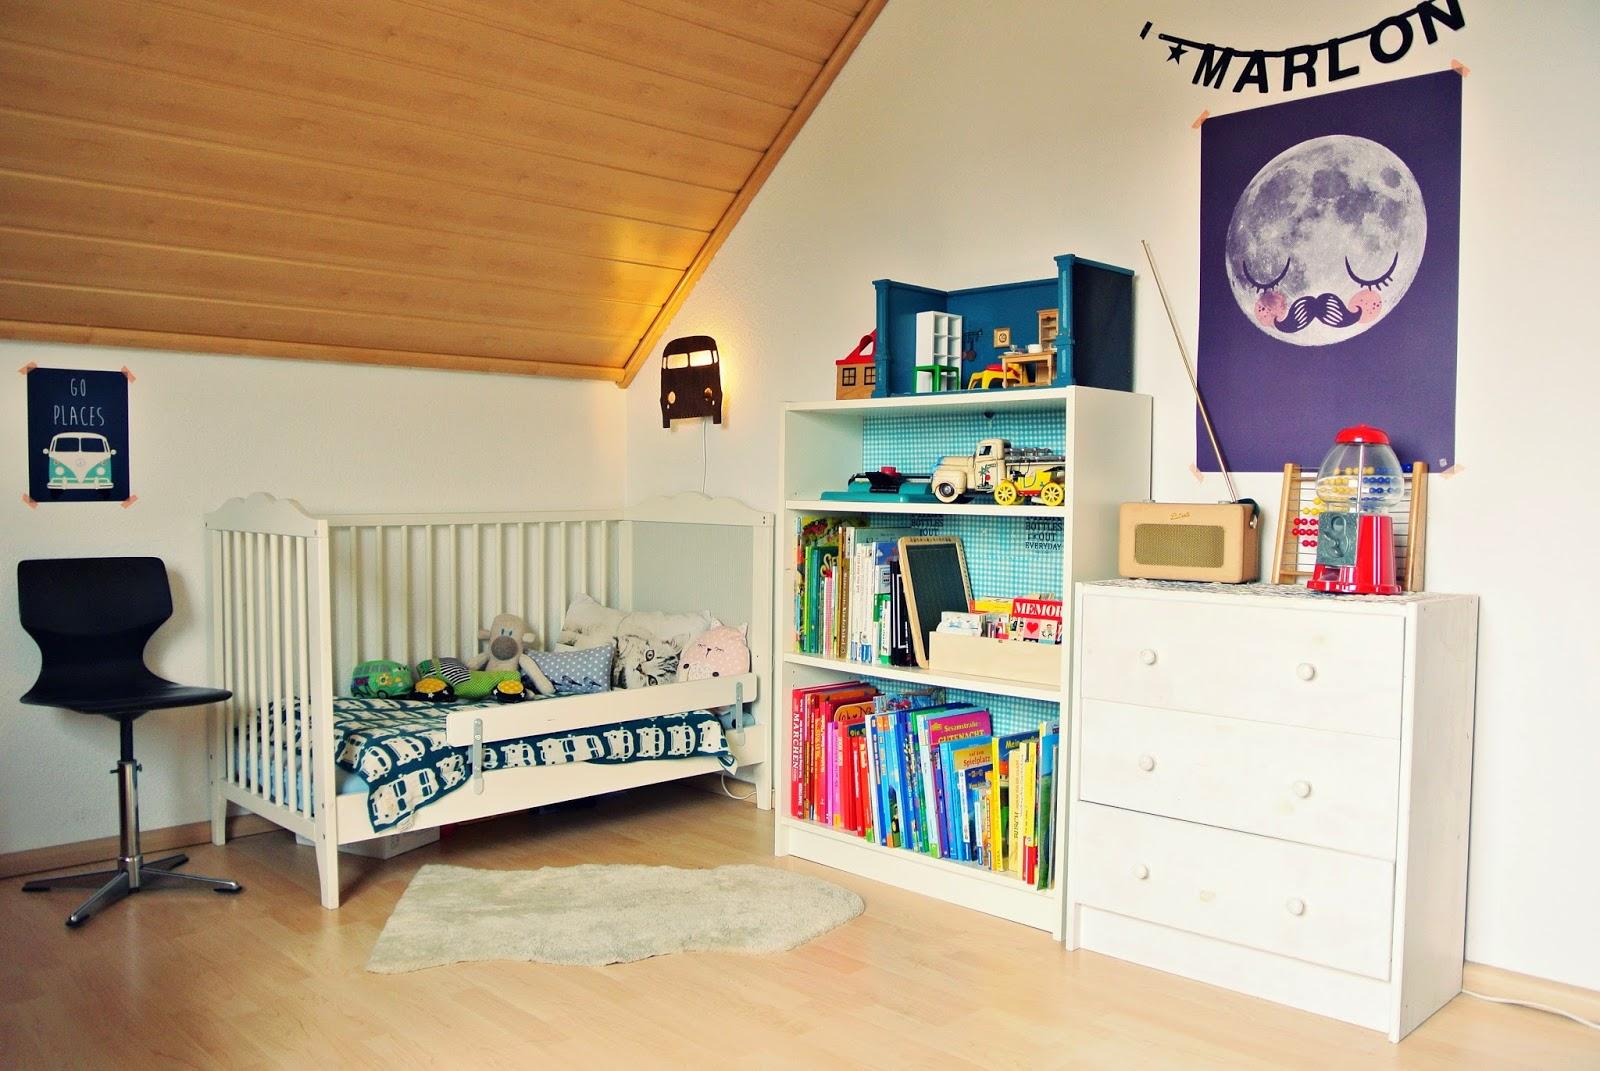 Wunderbar Kinderzimmer Marlon Zeitgenössisch - Die Kinderzimmer ...